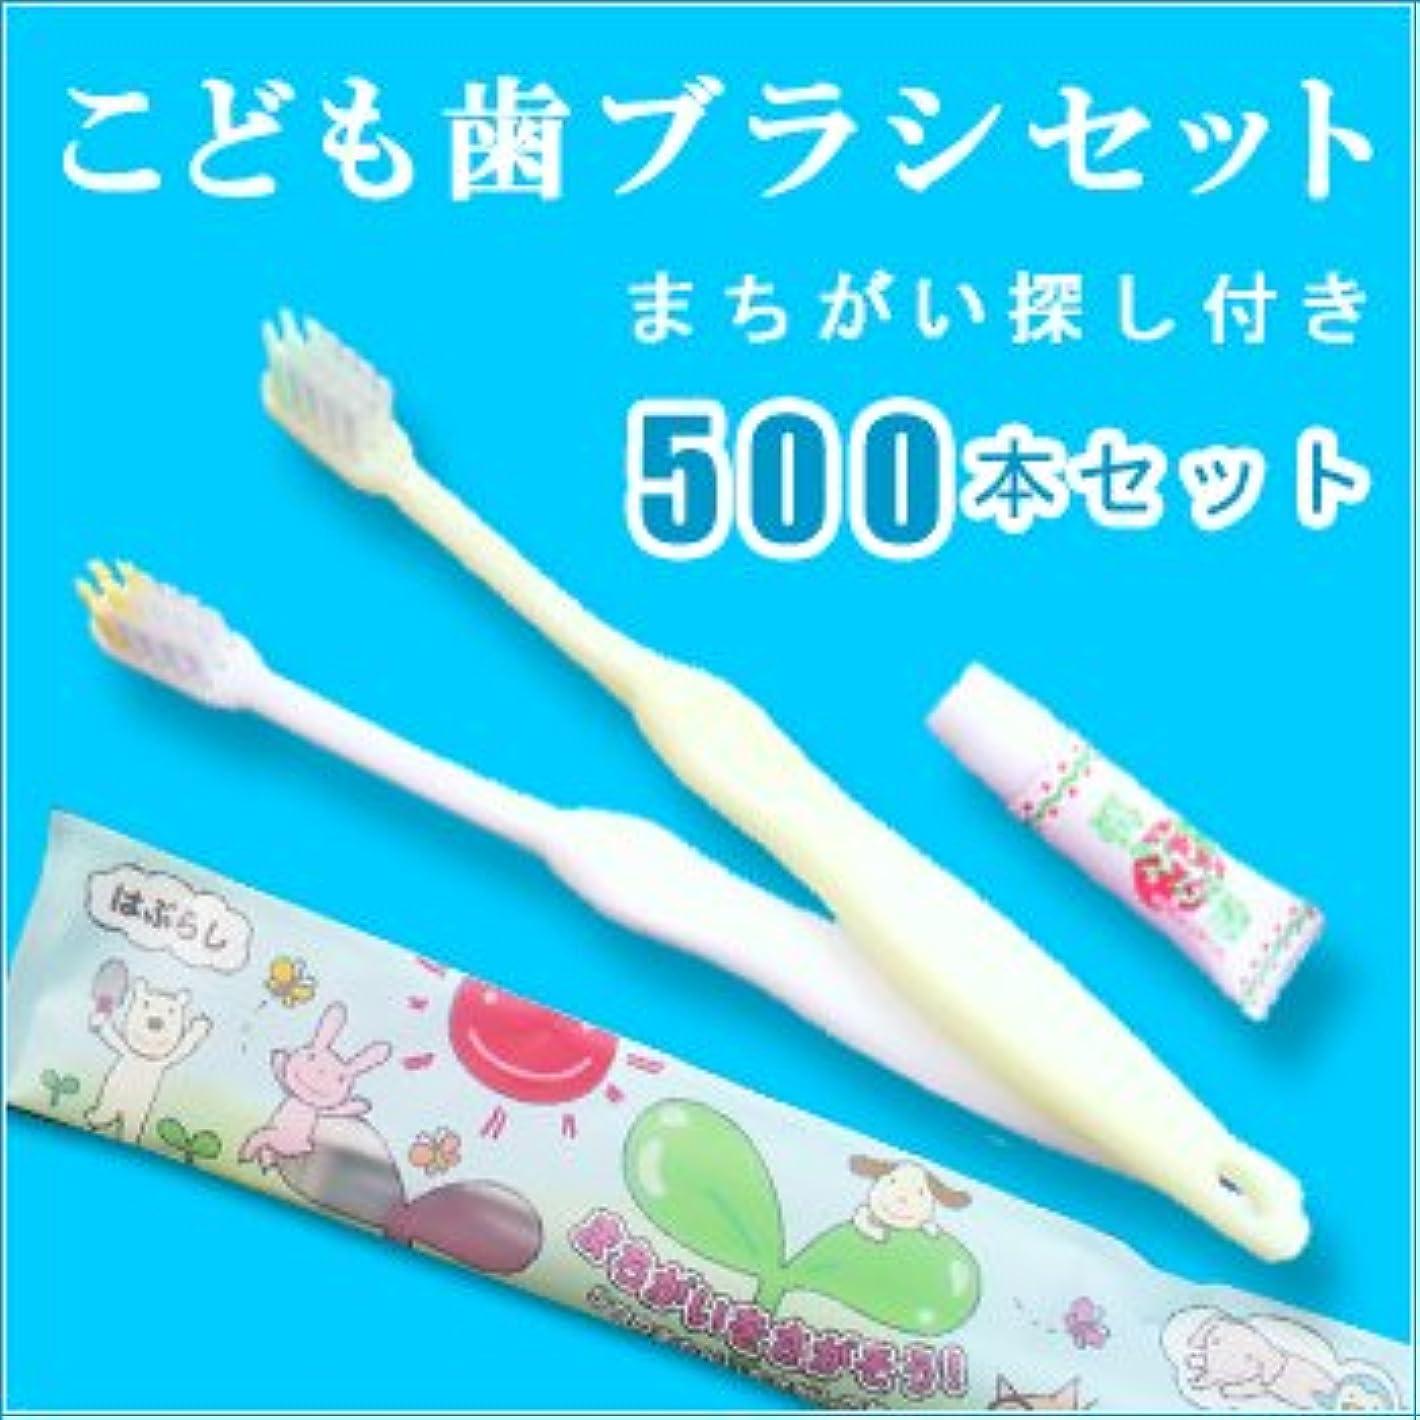 パシフィック恐ろしいです不均一こども用歯ブラシ いちご味の歯磨き粉 3gチューブ付 ホワイト?イエロー2色アソート(1セット500本)1本当たり34円